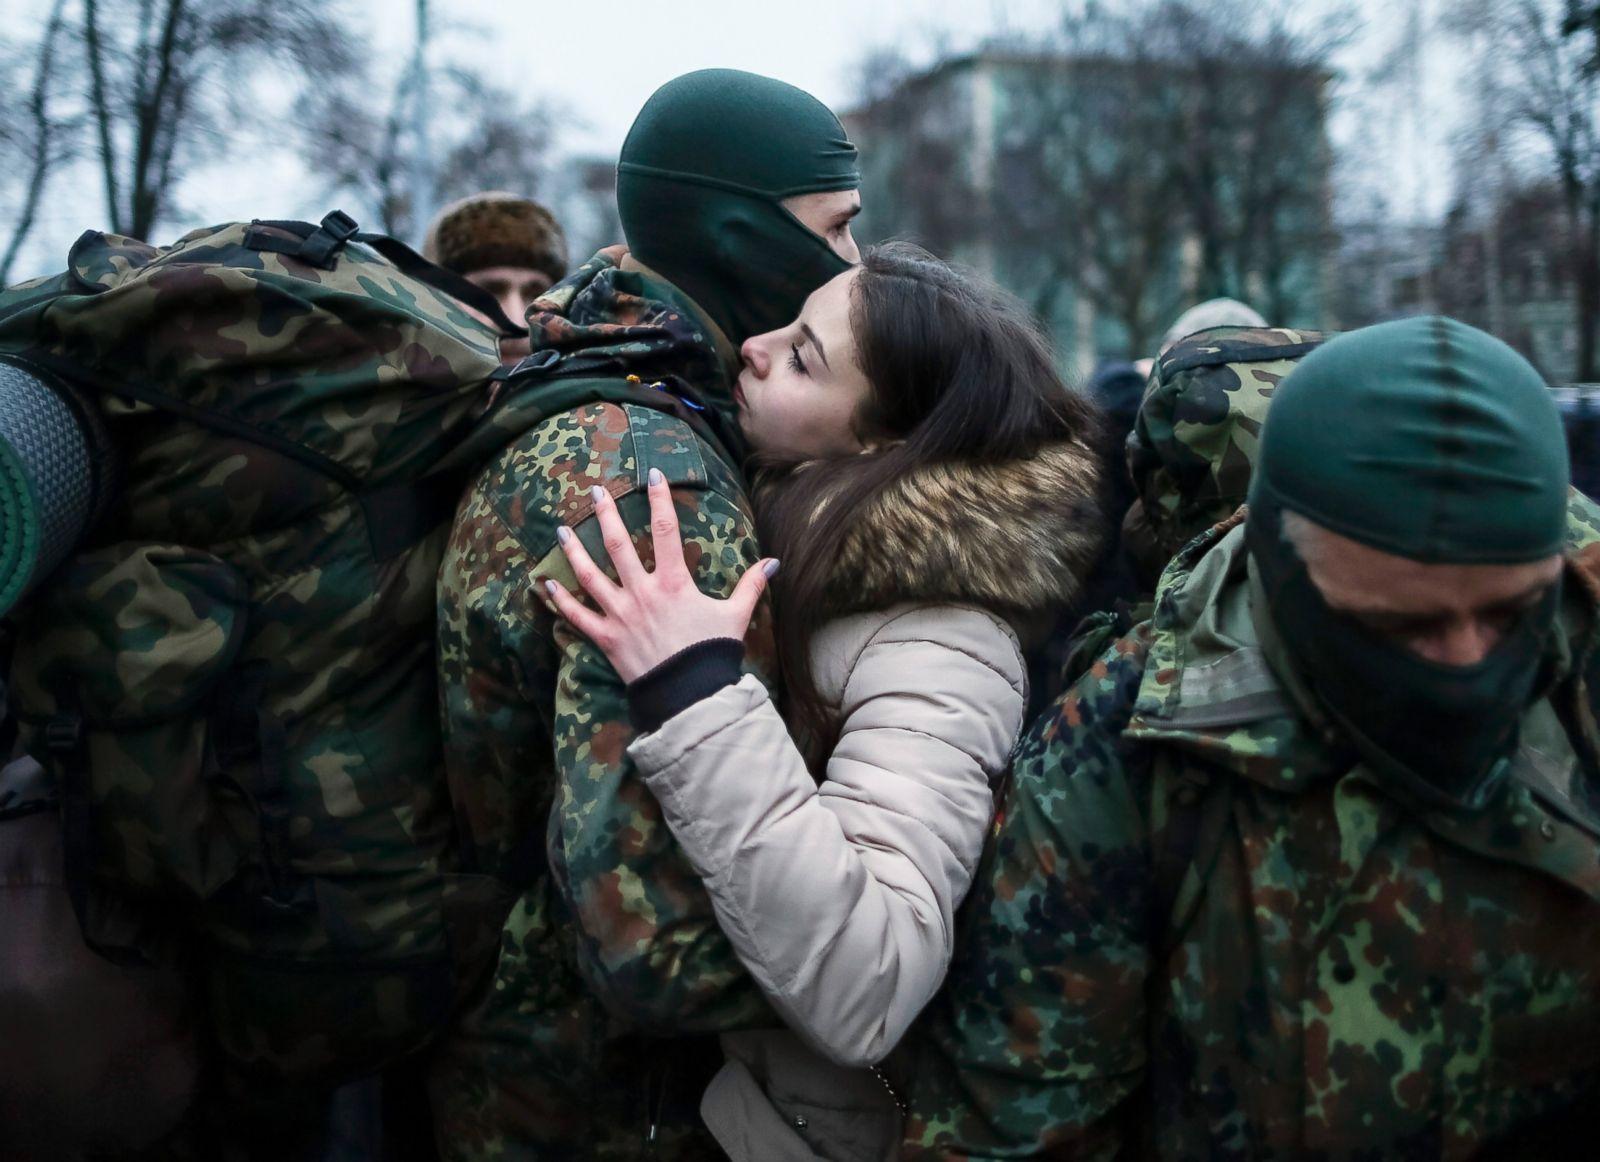 Фото пацанов из армии, Армейские фотографии 28 фотография